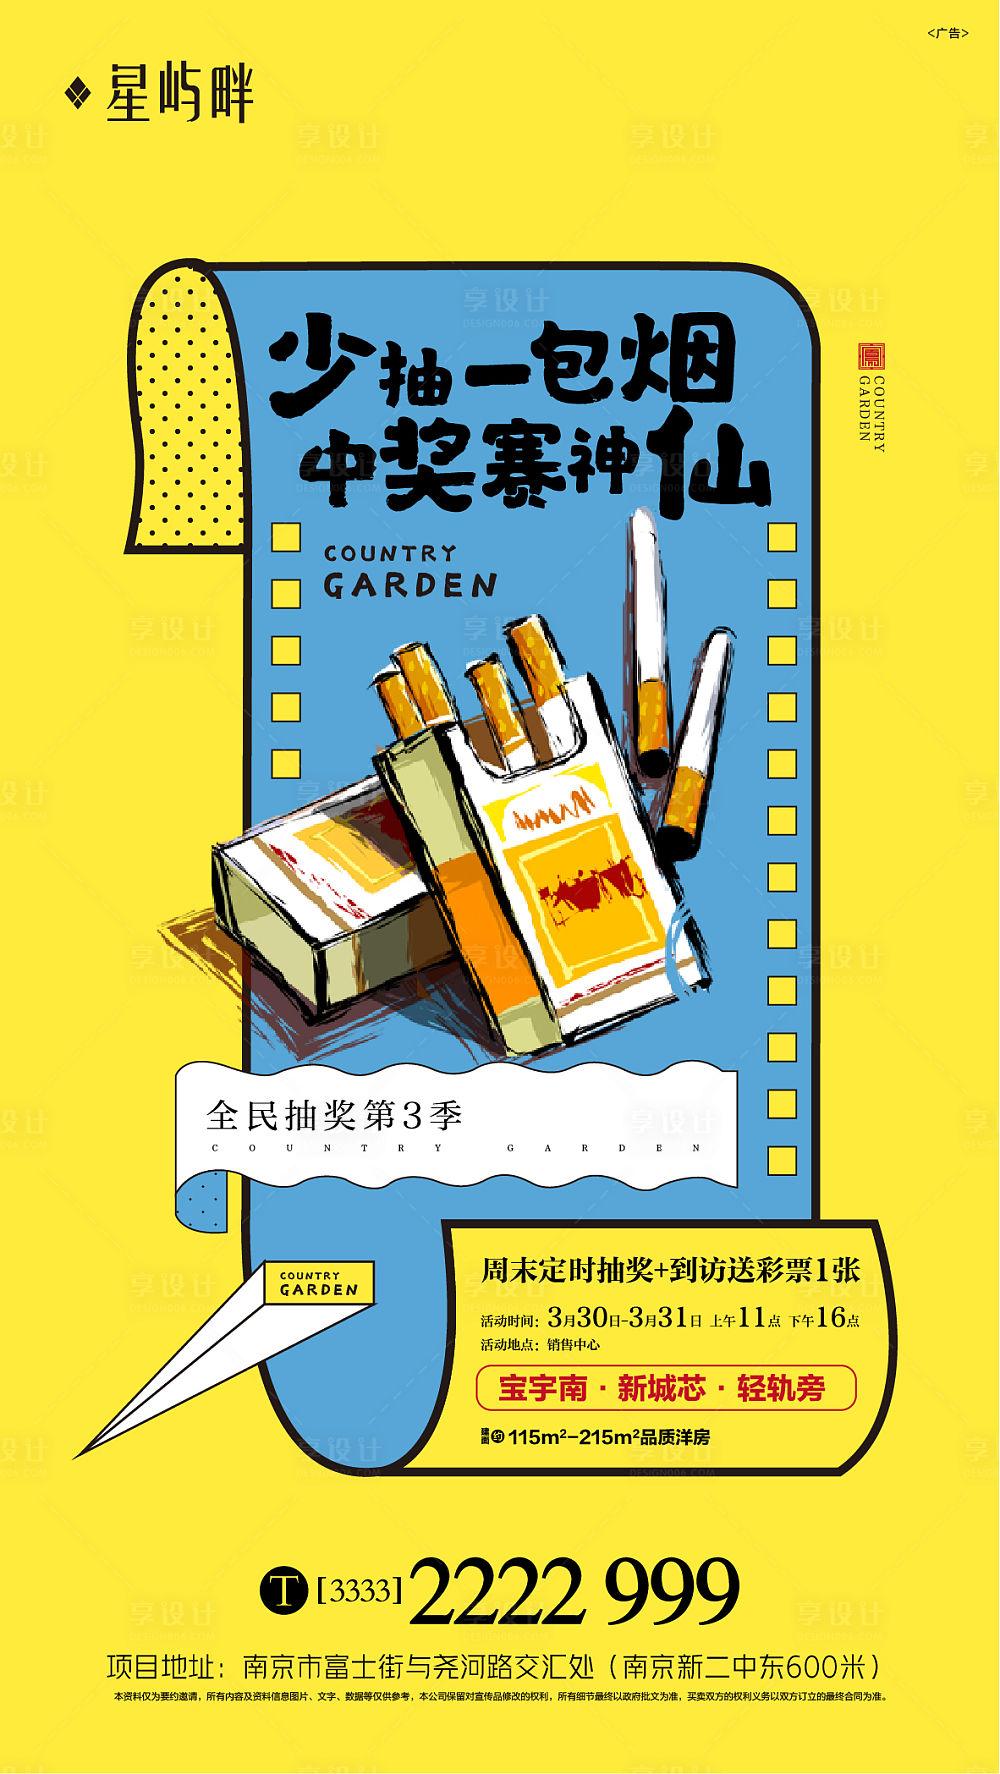 【源文件下载】 海报 房地产 暖场活动 抽奖 插画 香烟  手绘